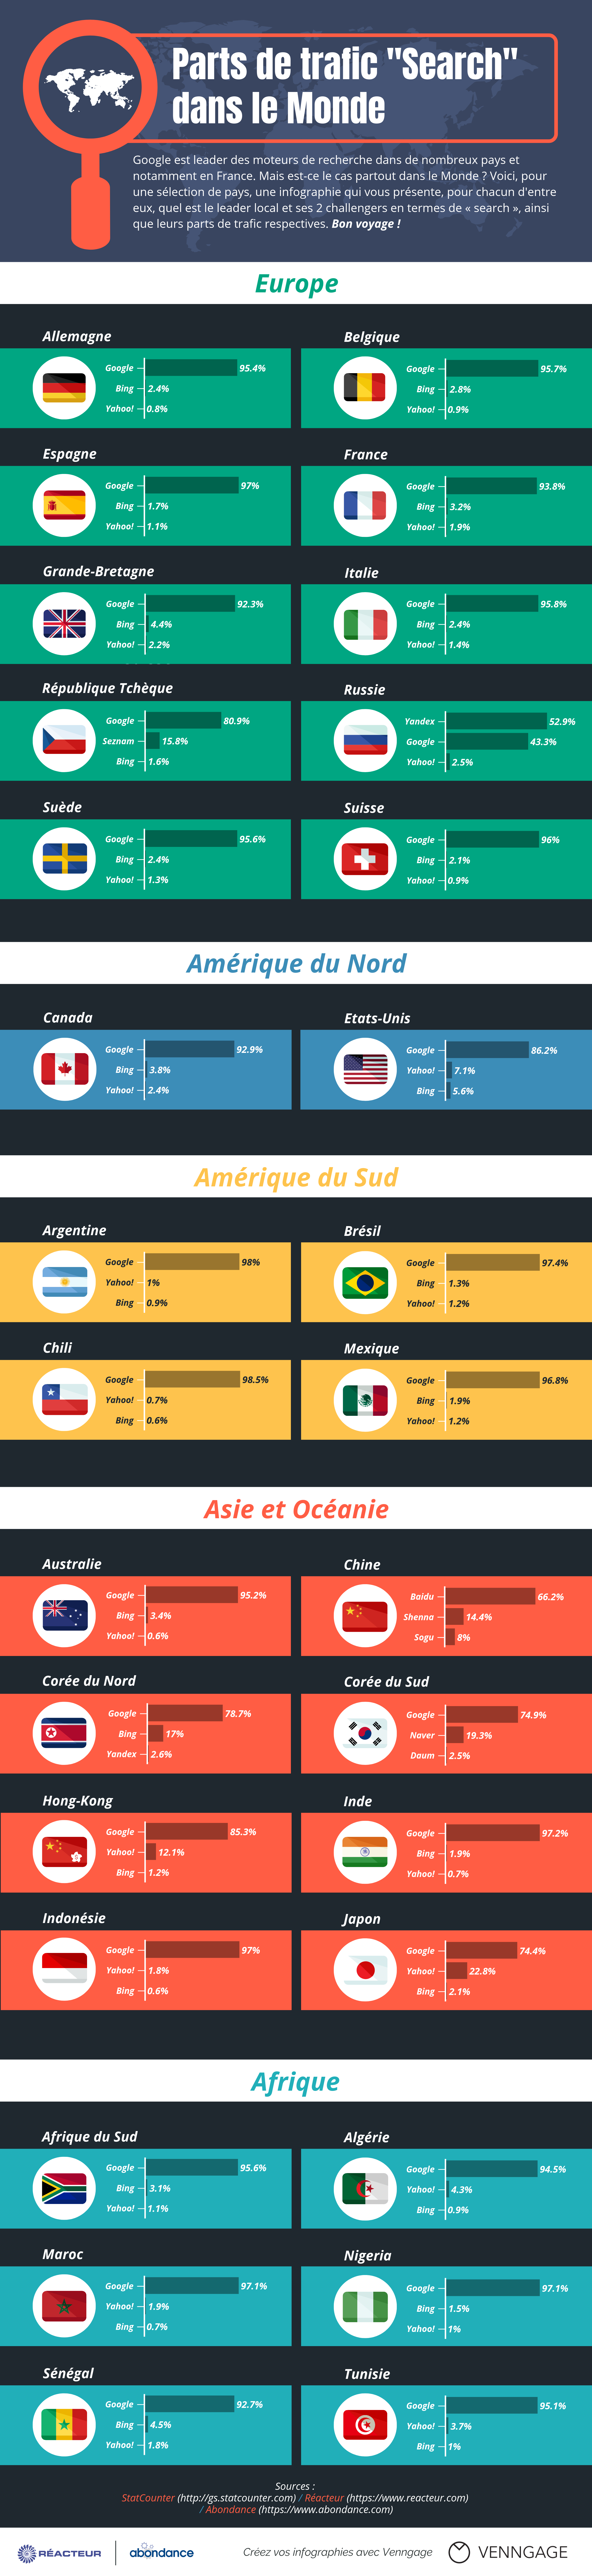 Infographie: parts de trafic des moteurs de recherche dans le monde entier